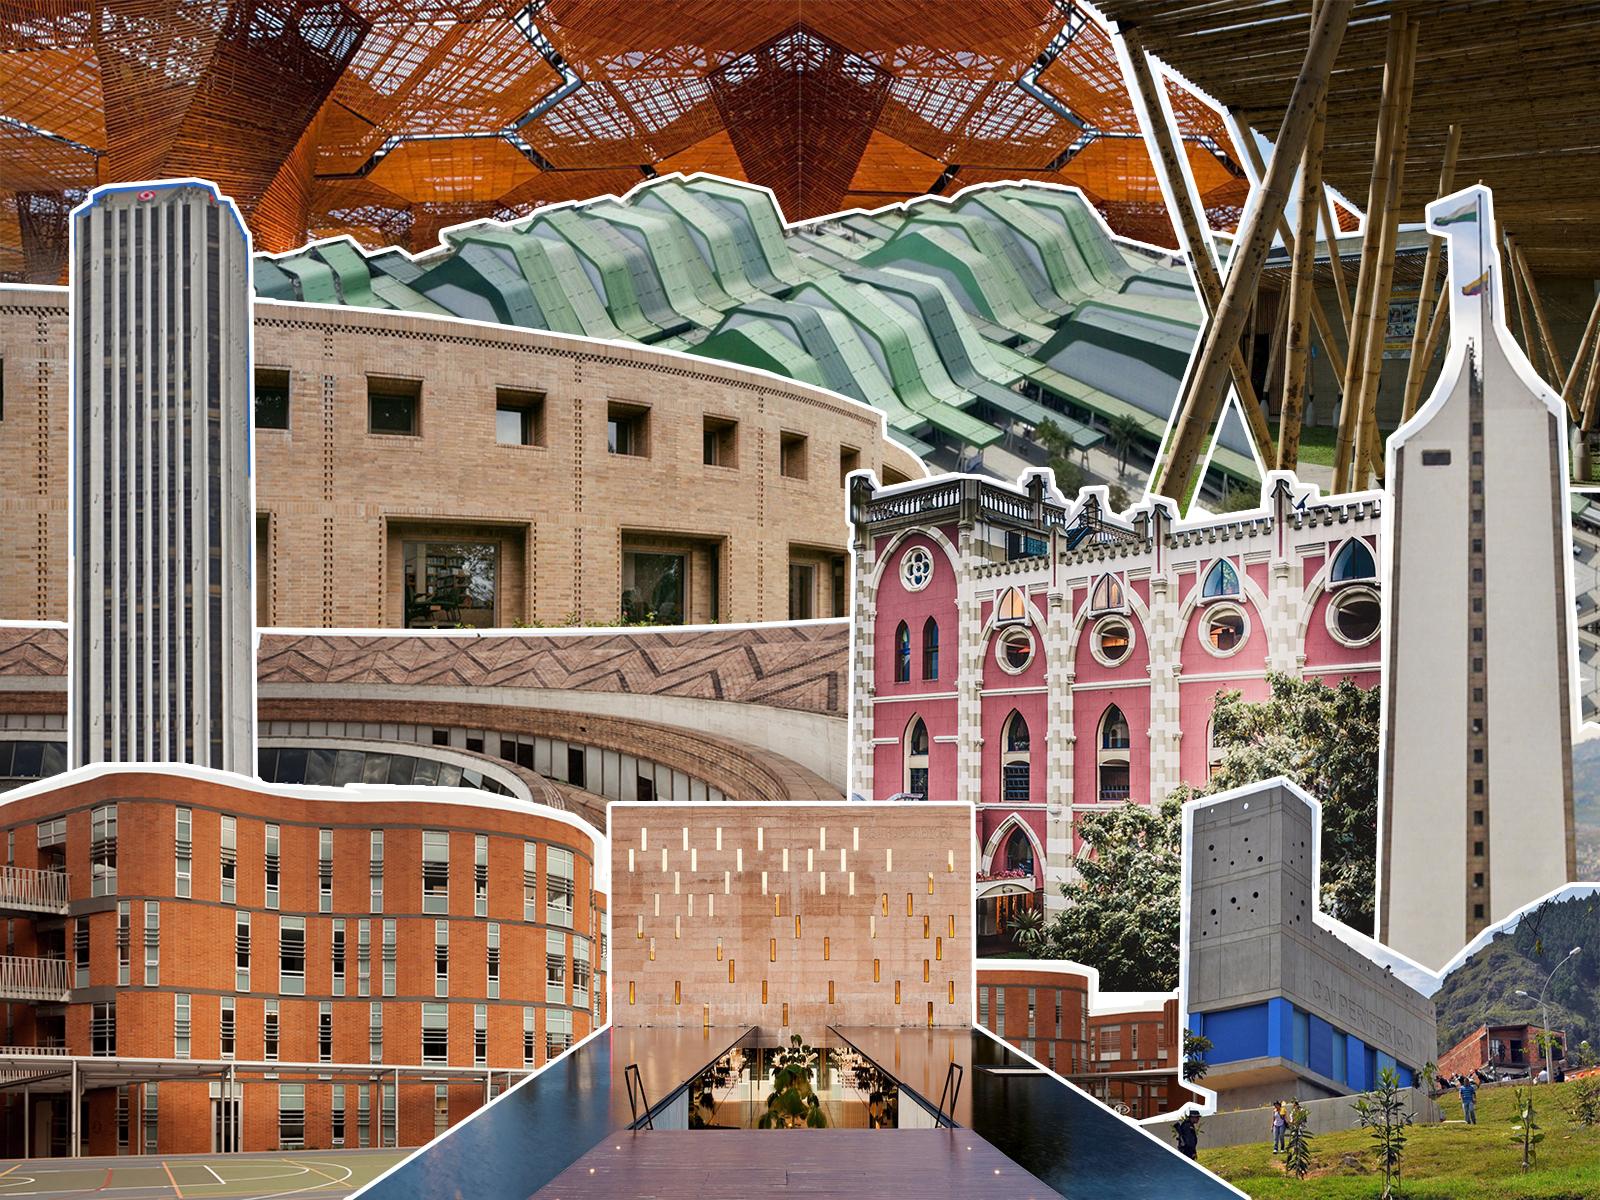 Cuellar Serrano Gomez Tag Plataforma Arquitectura # Muebles Dario Botero Gomez